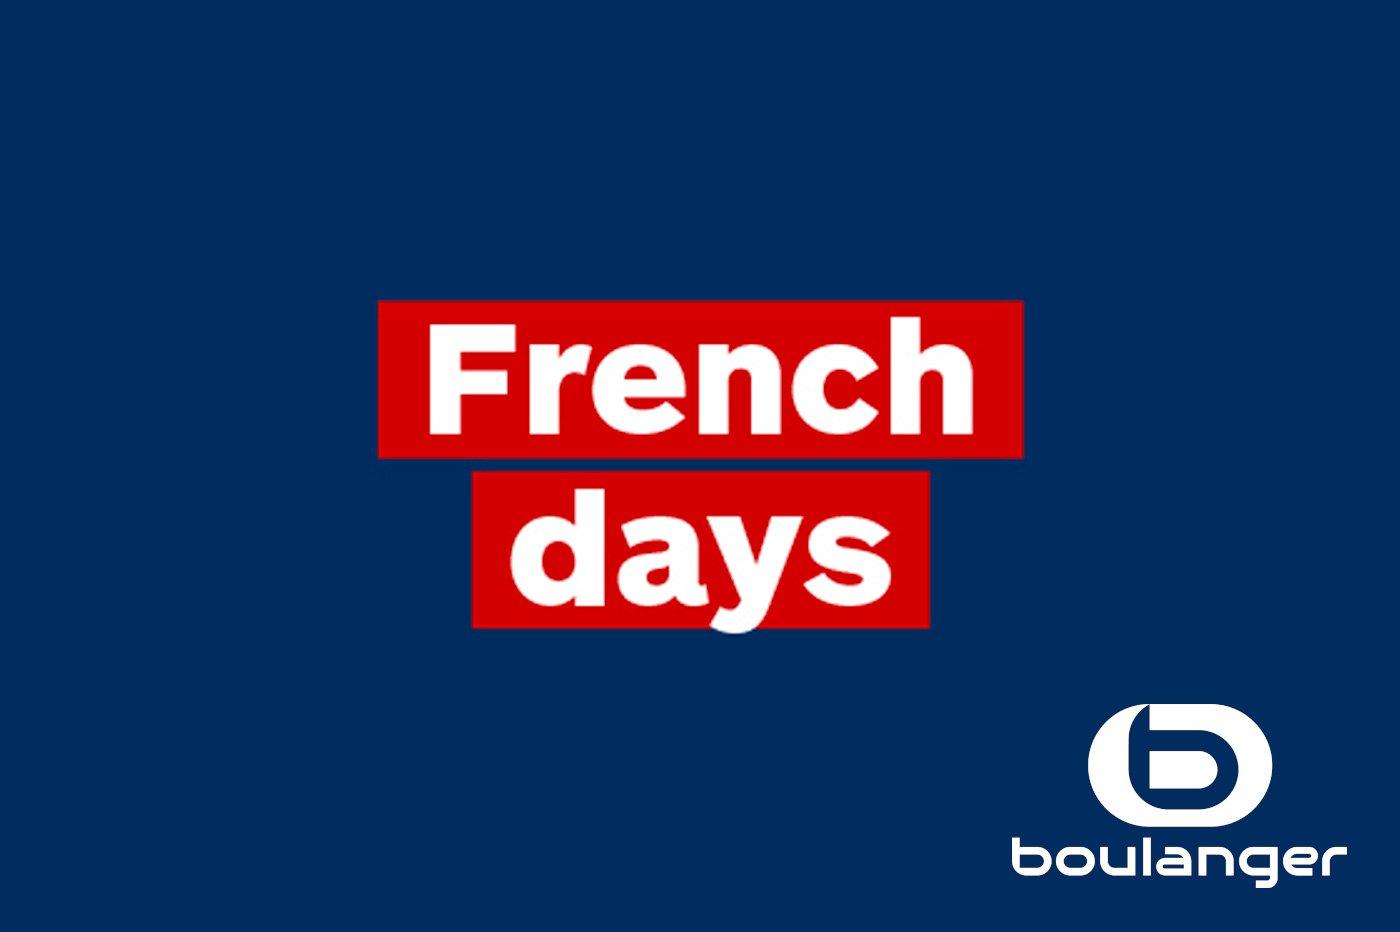 French Days Boulanger